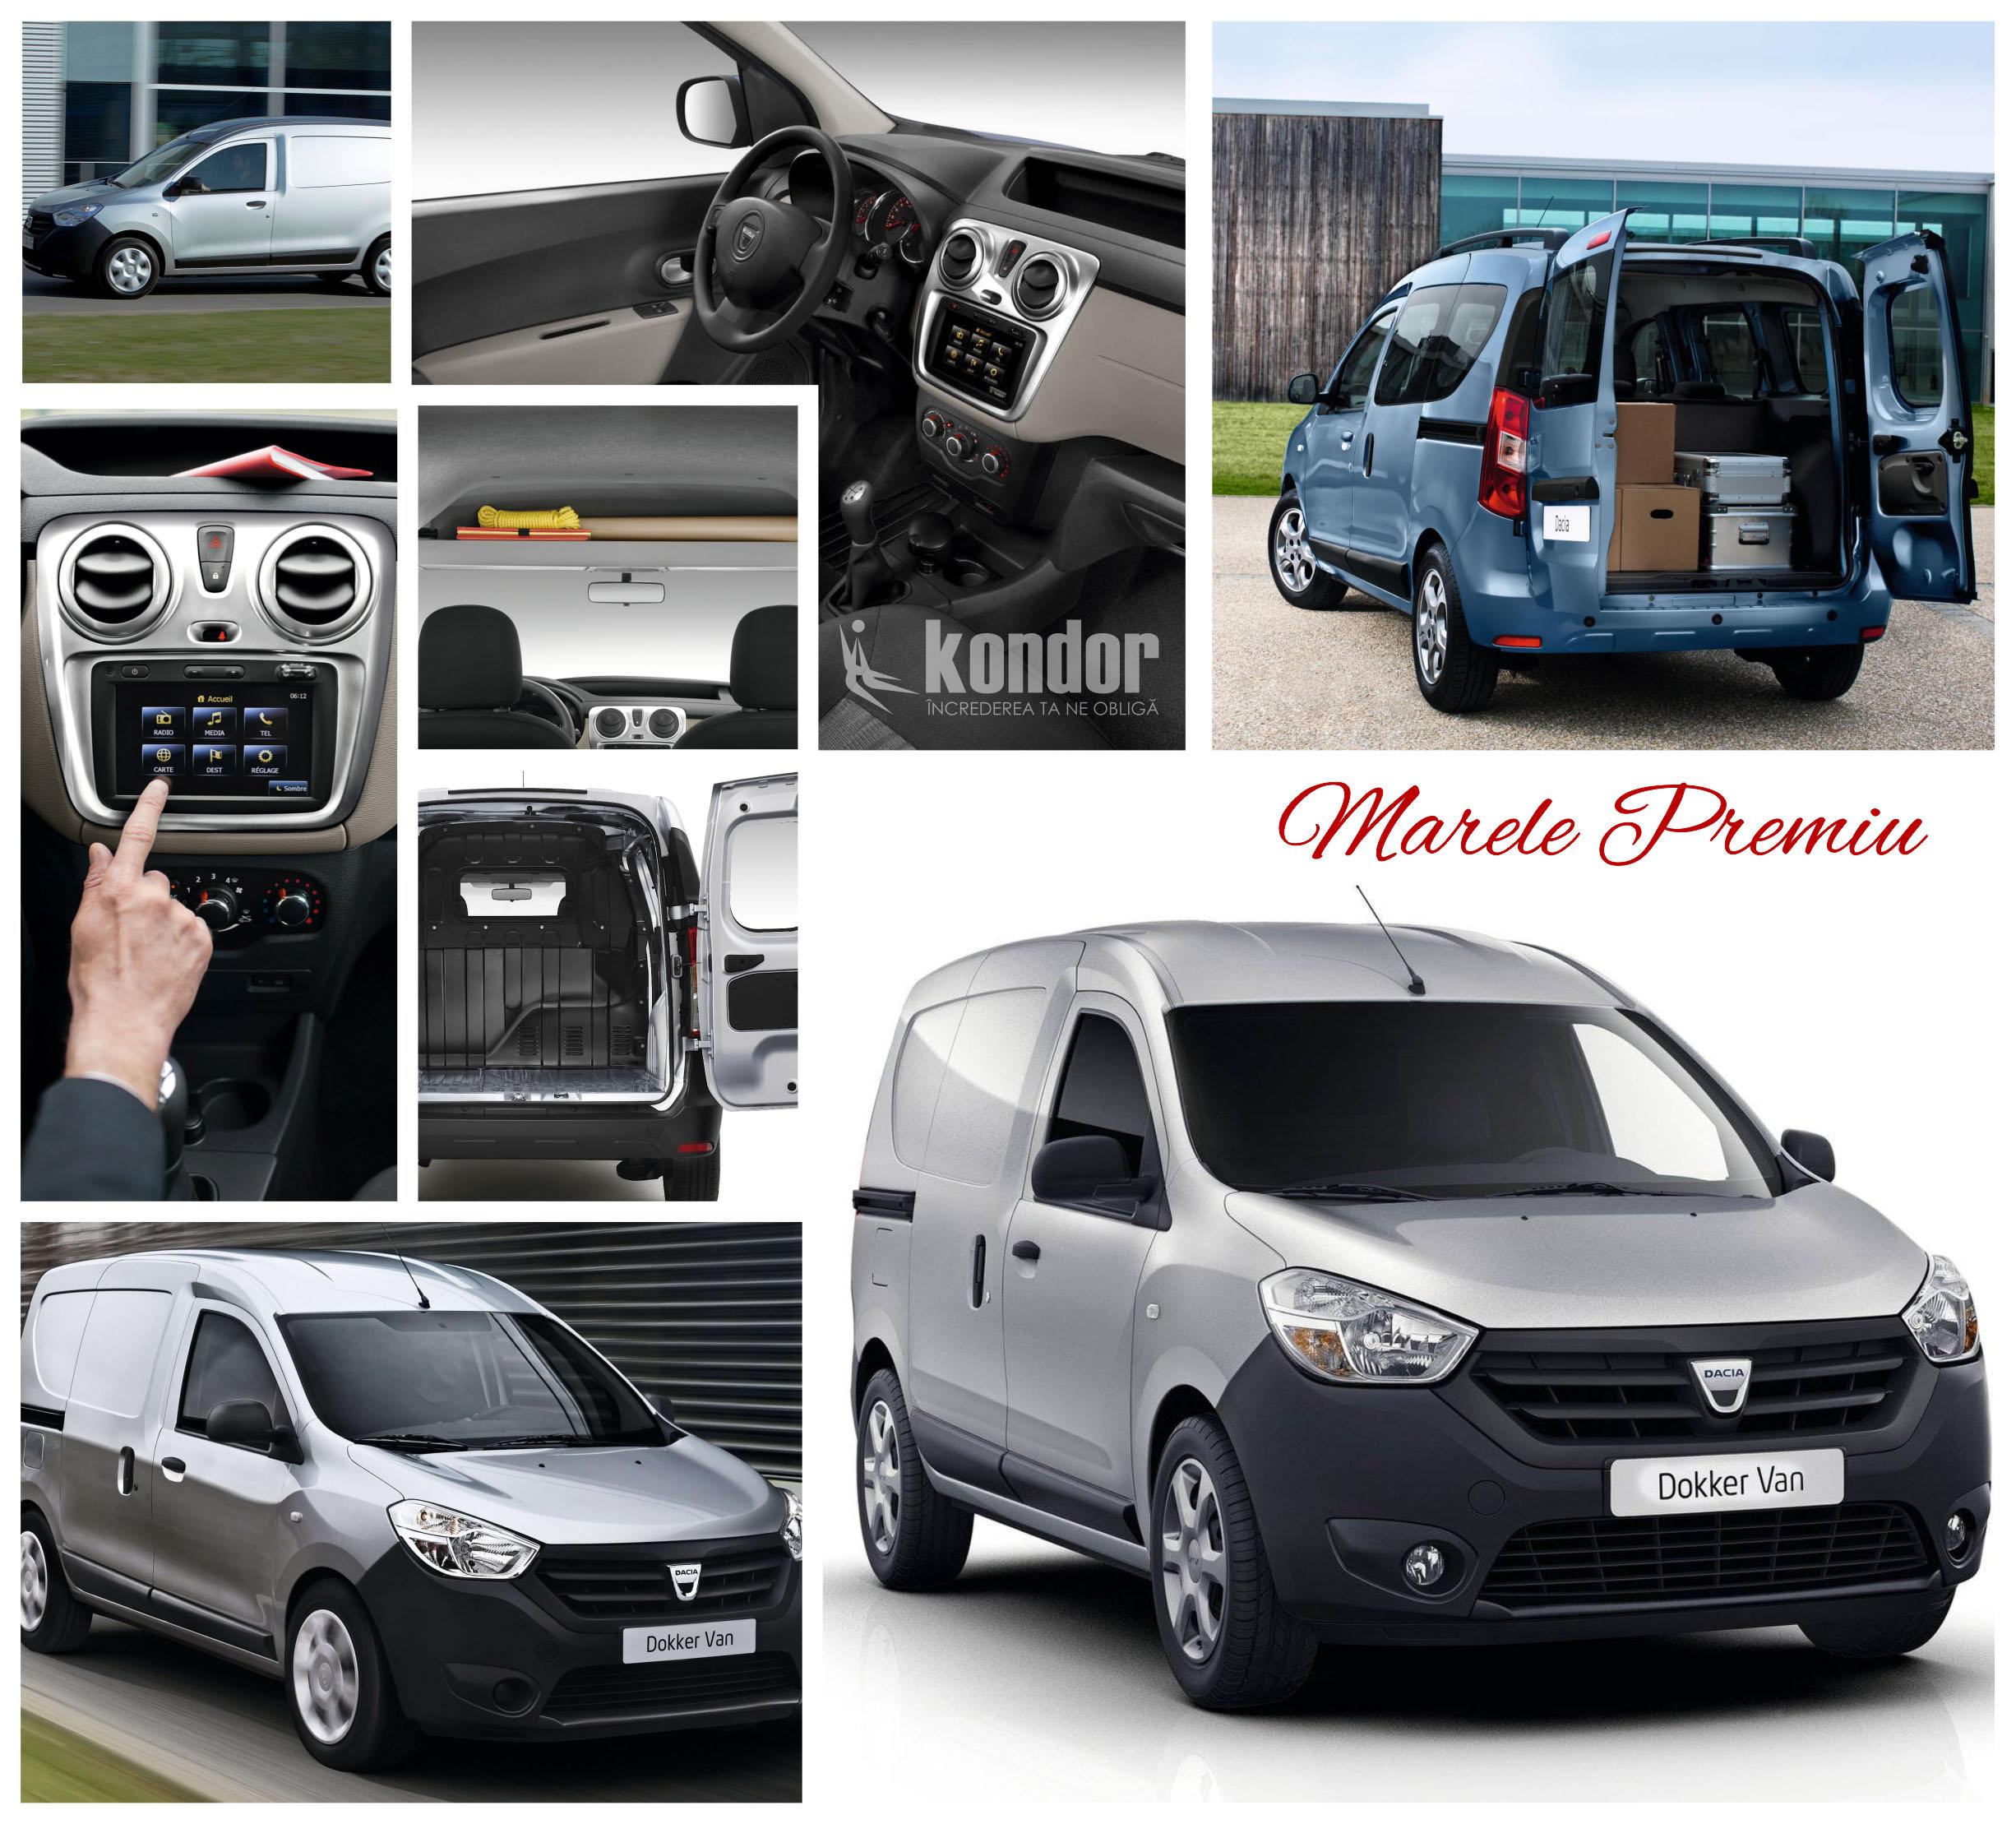 Premii Dacia Logo - Premii Kondor